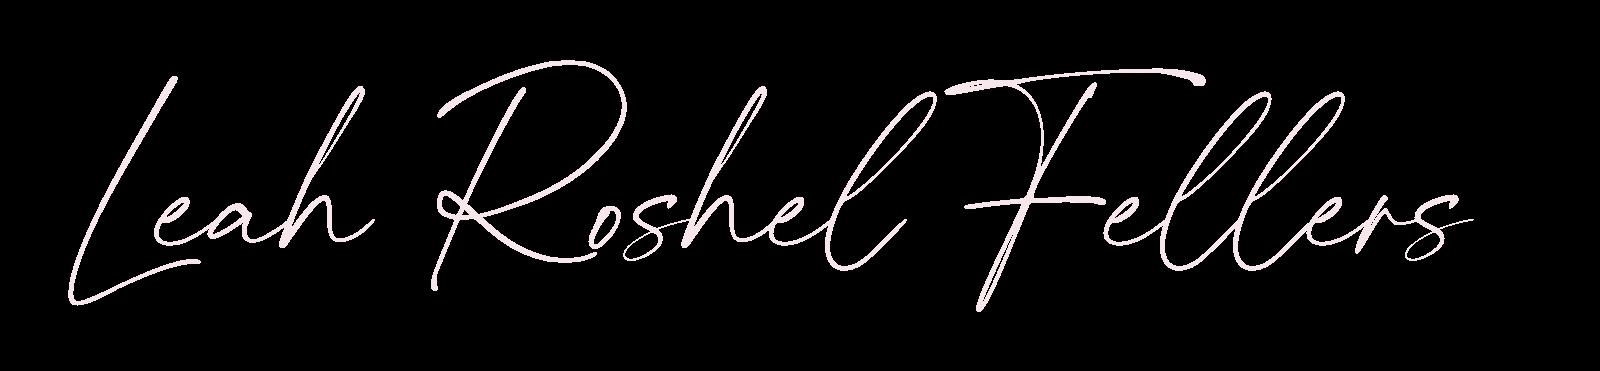 Leah Roshel Fellers